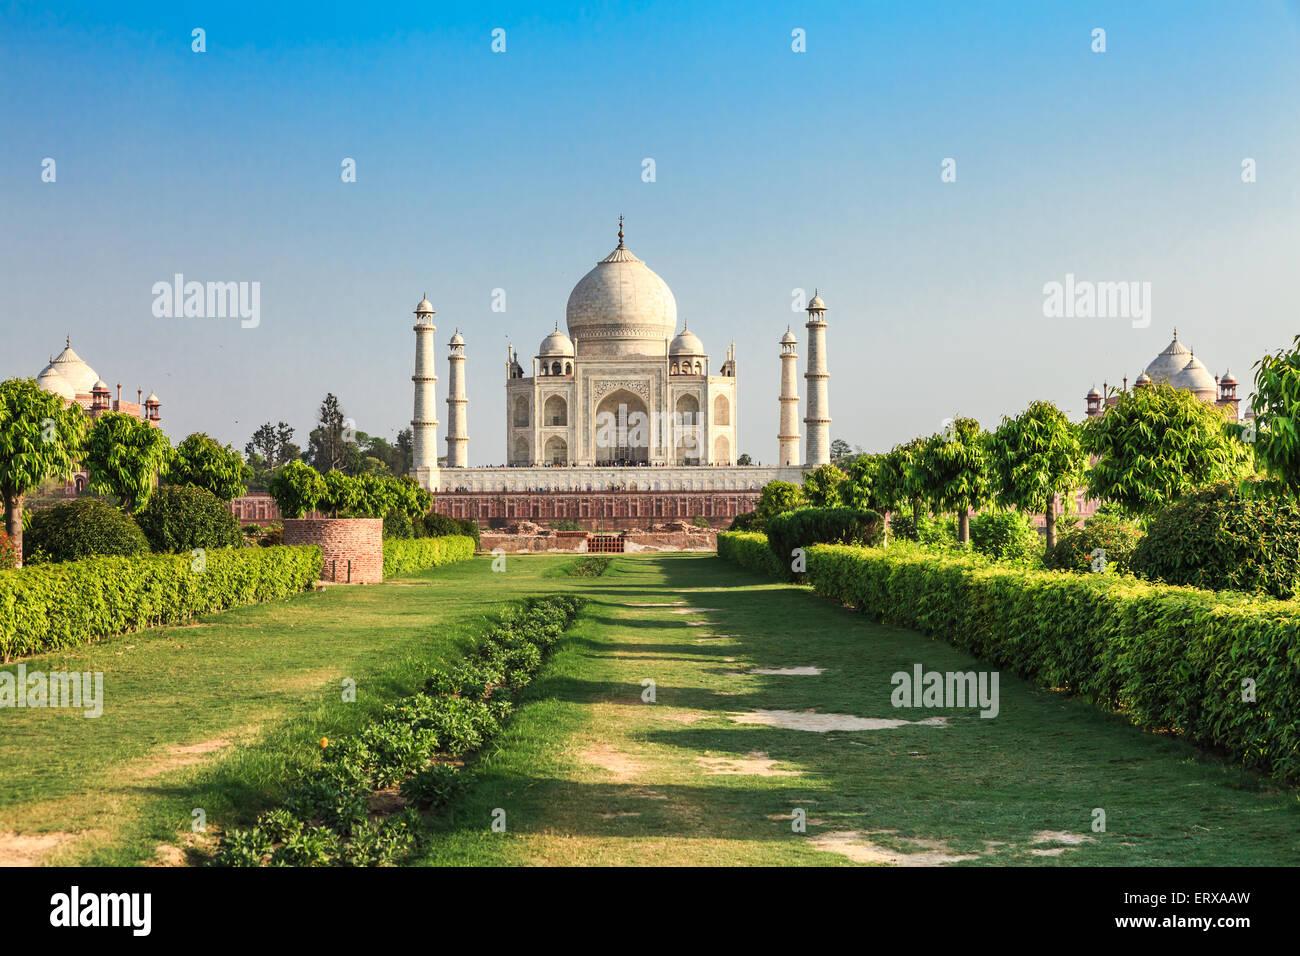 Taj Mahal di sera, Agra, India Immagini Stock